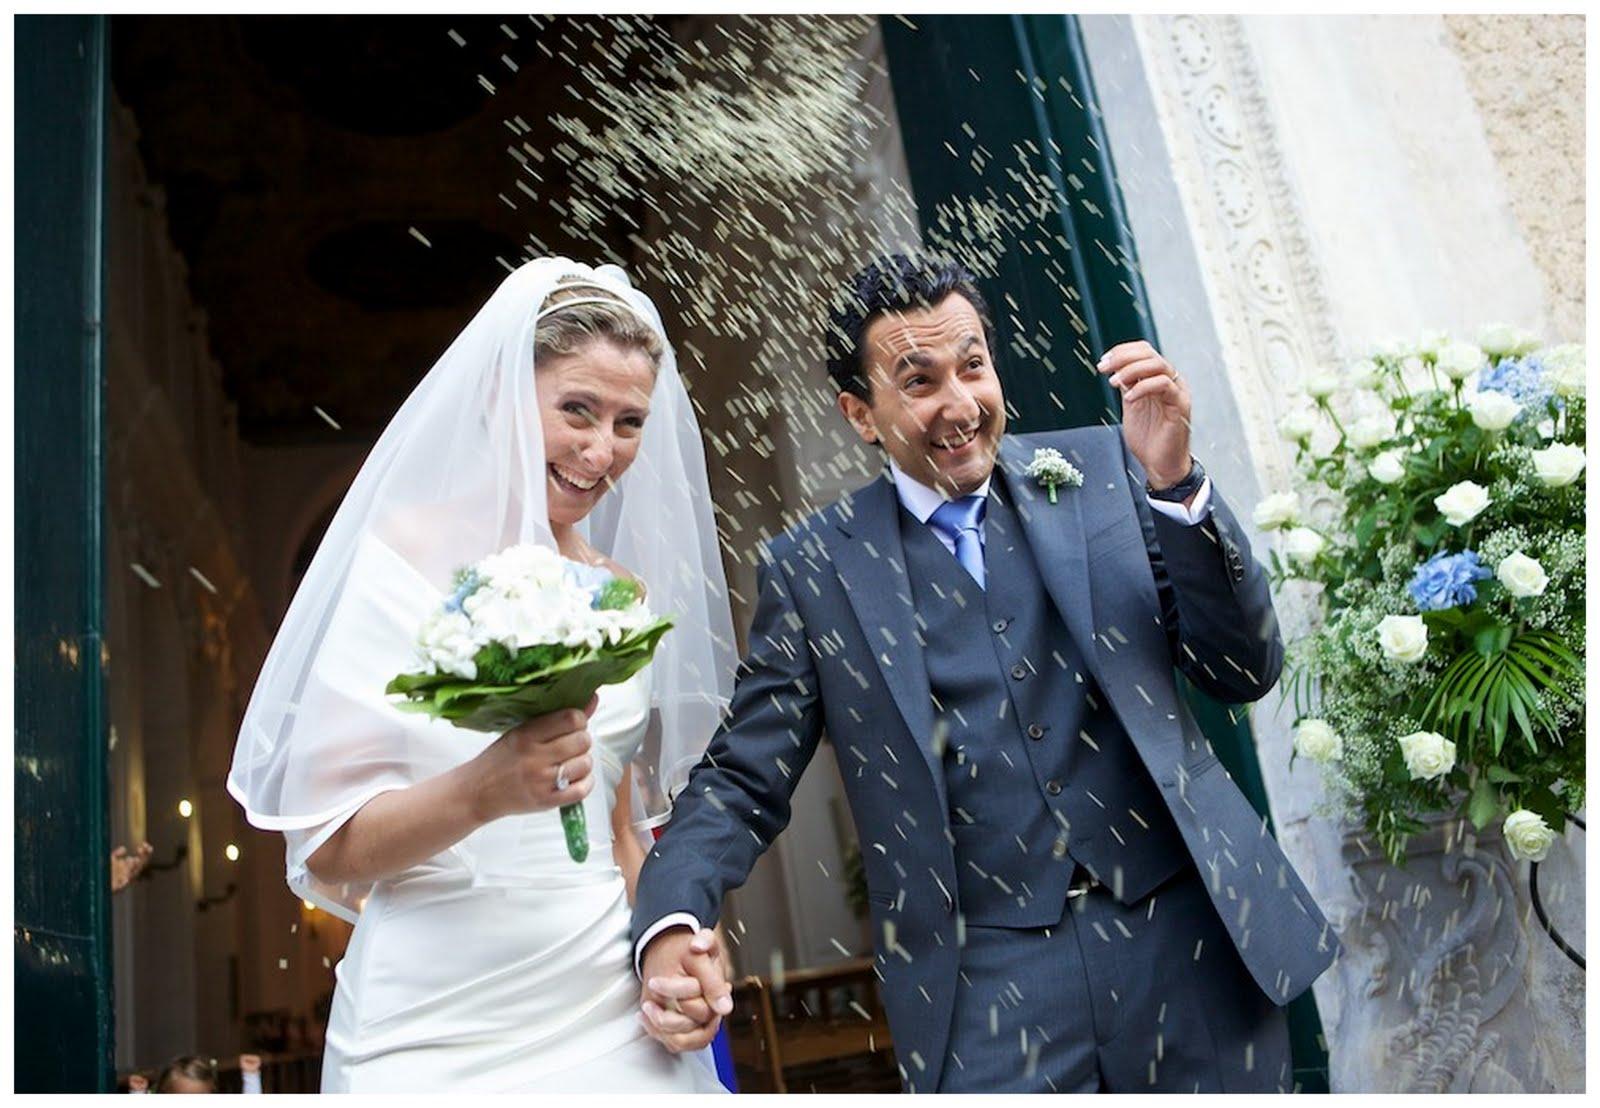 Destination Wedding Dresses Uk 98 Luxury If you enjoyed this